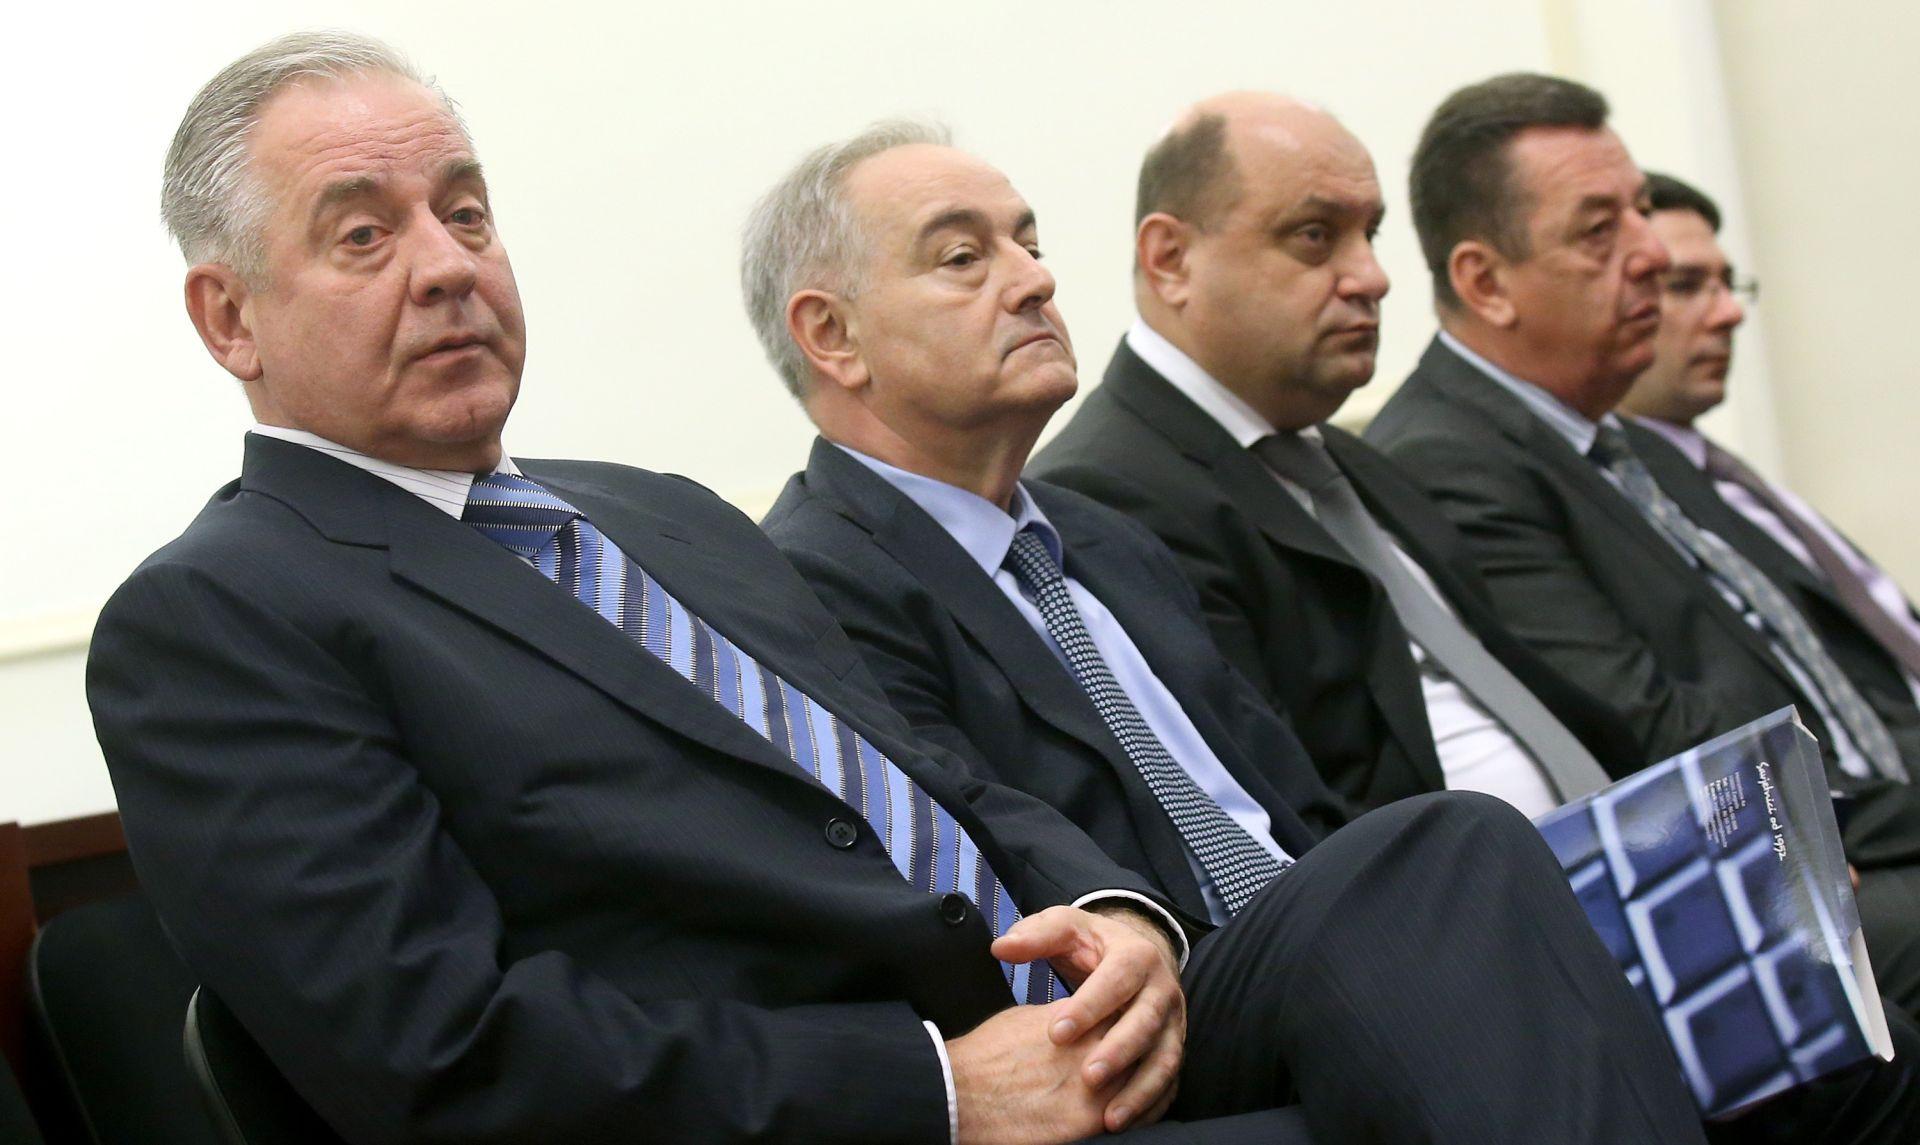 Presuda za Planinsku u srijedu: Sanaderova obrana traži oslobađanje, Uskok bezuvjetni zatvor